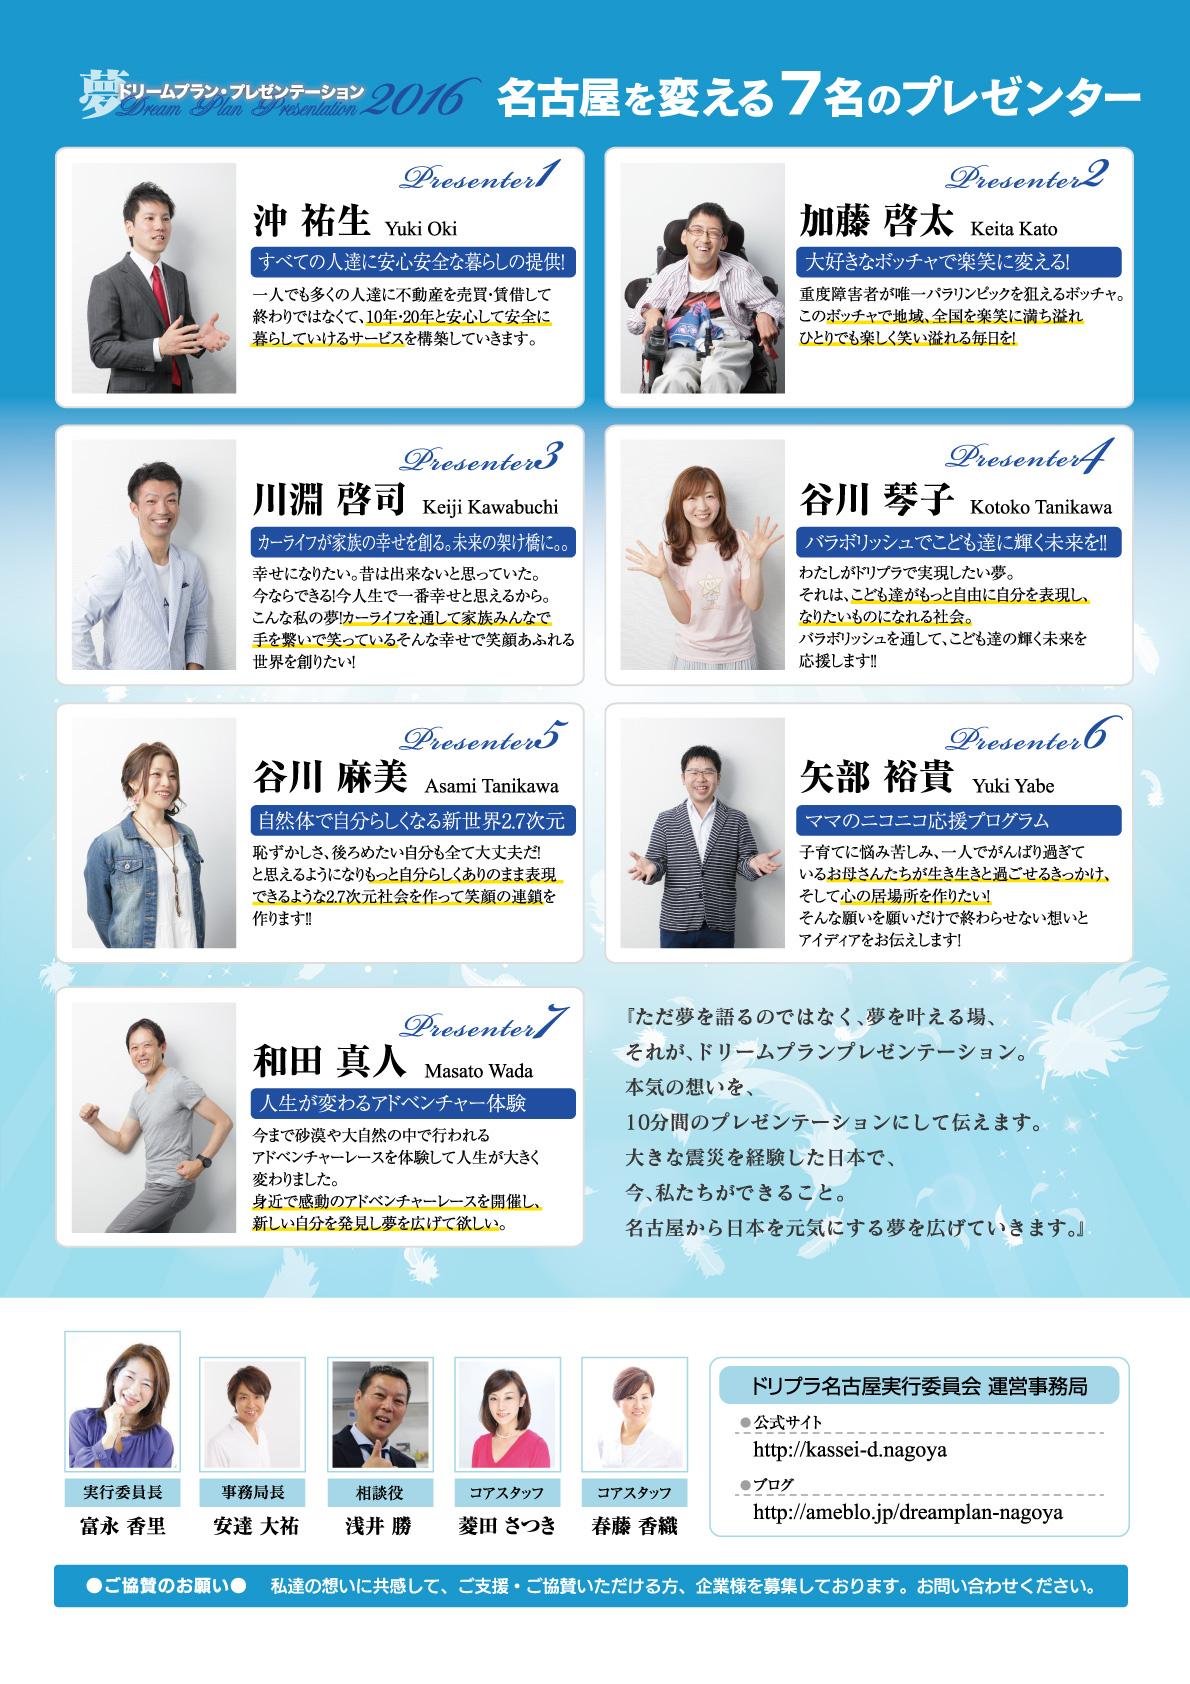 名古屋ドリームプランプレゼンテーションの7名プレゼンター